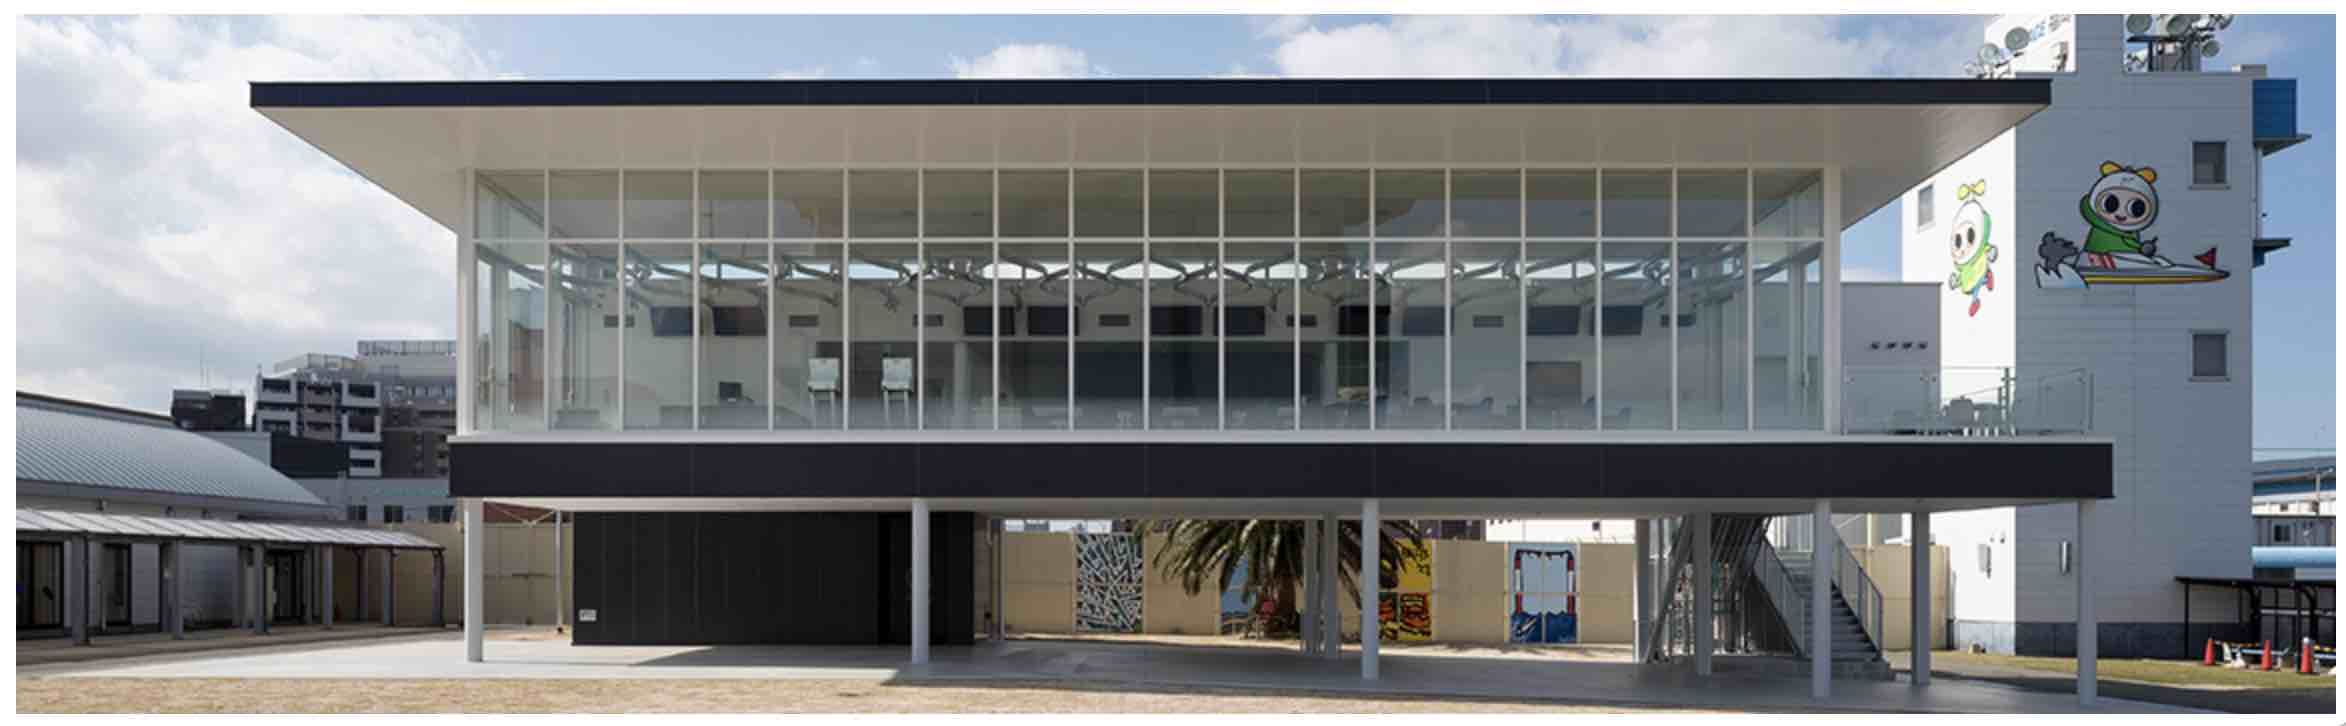 競艇ボートレースの新施設ROKUの画像_デイ